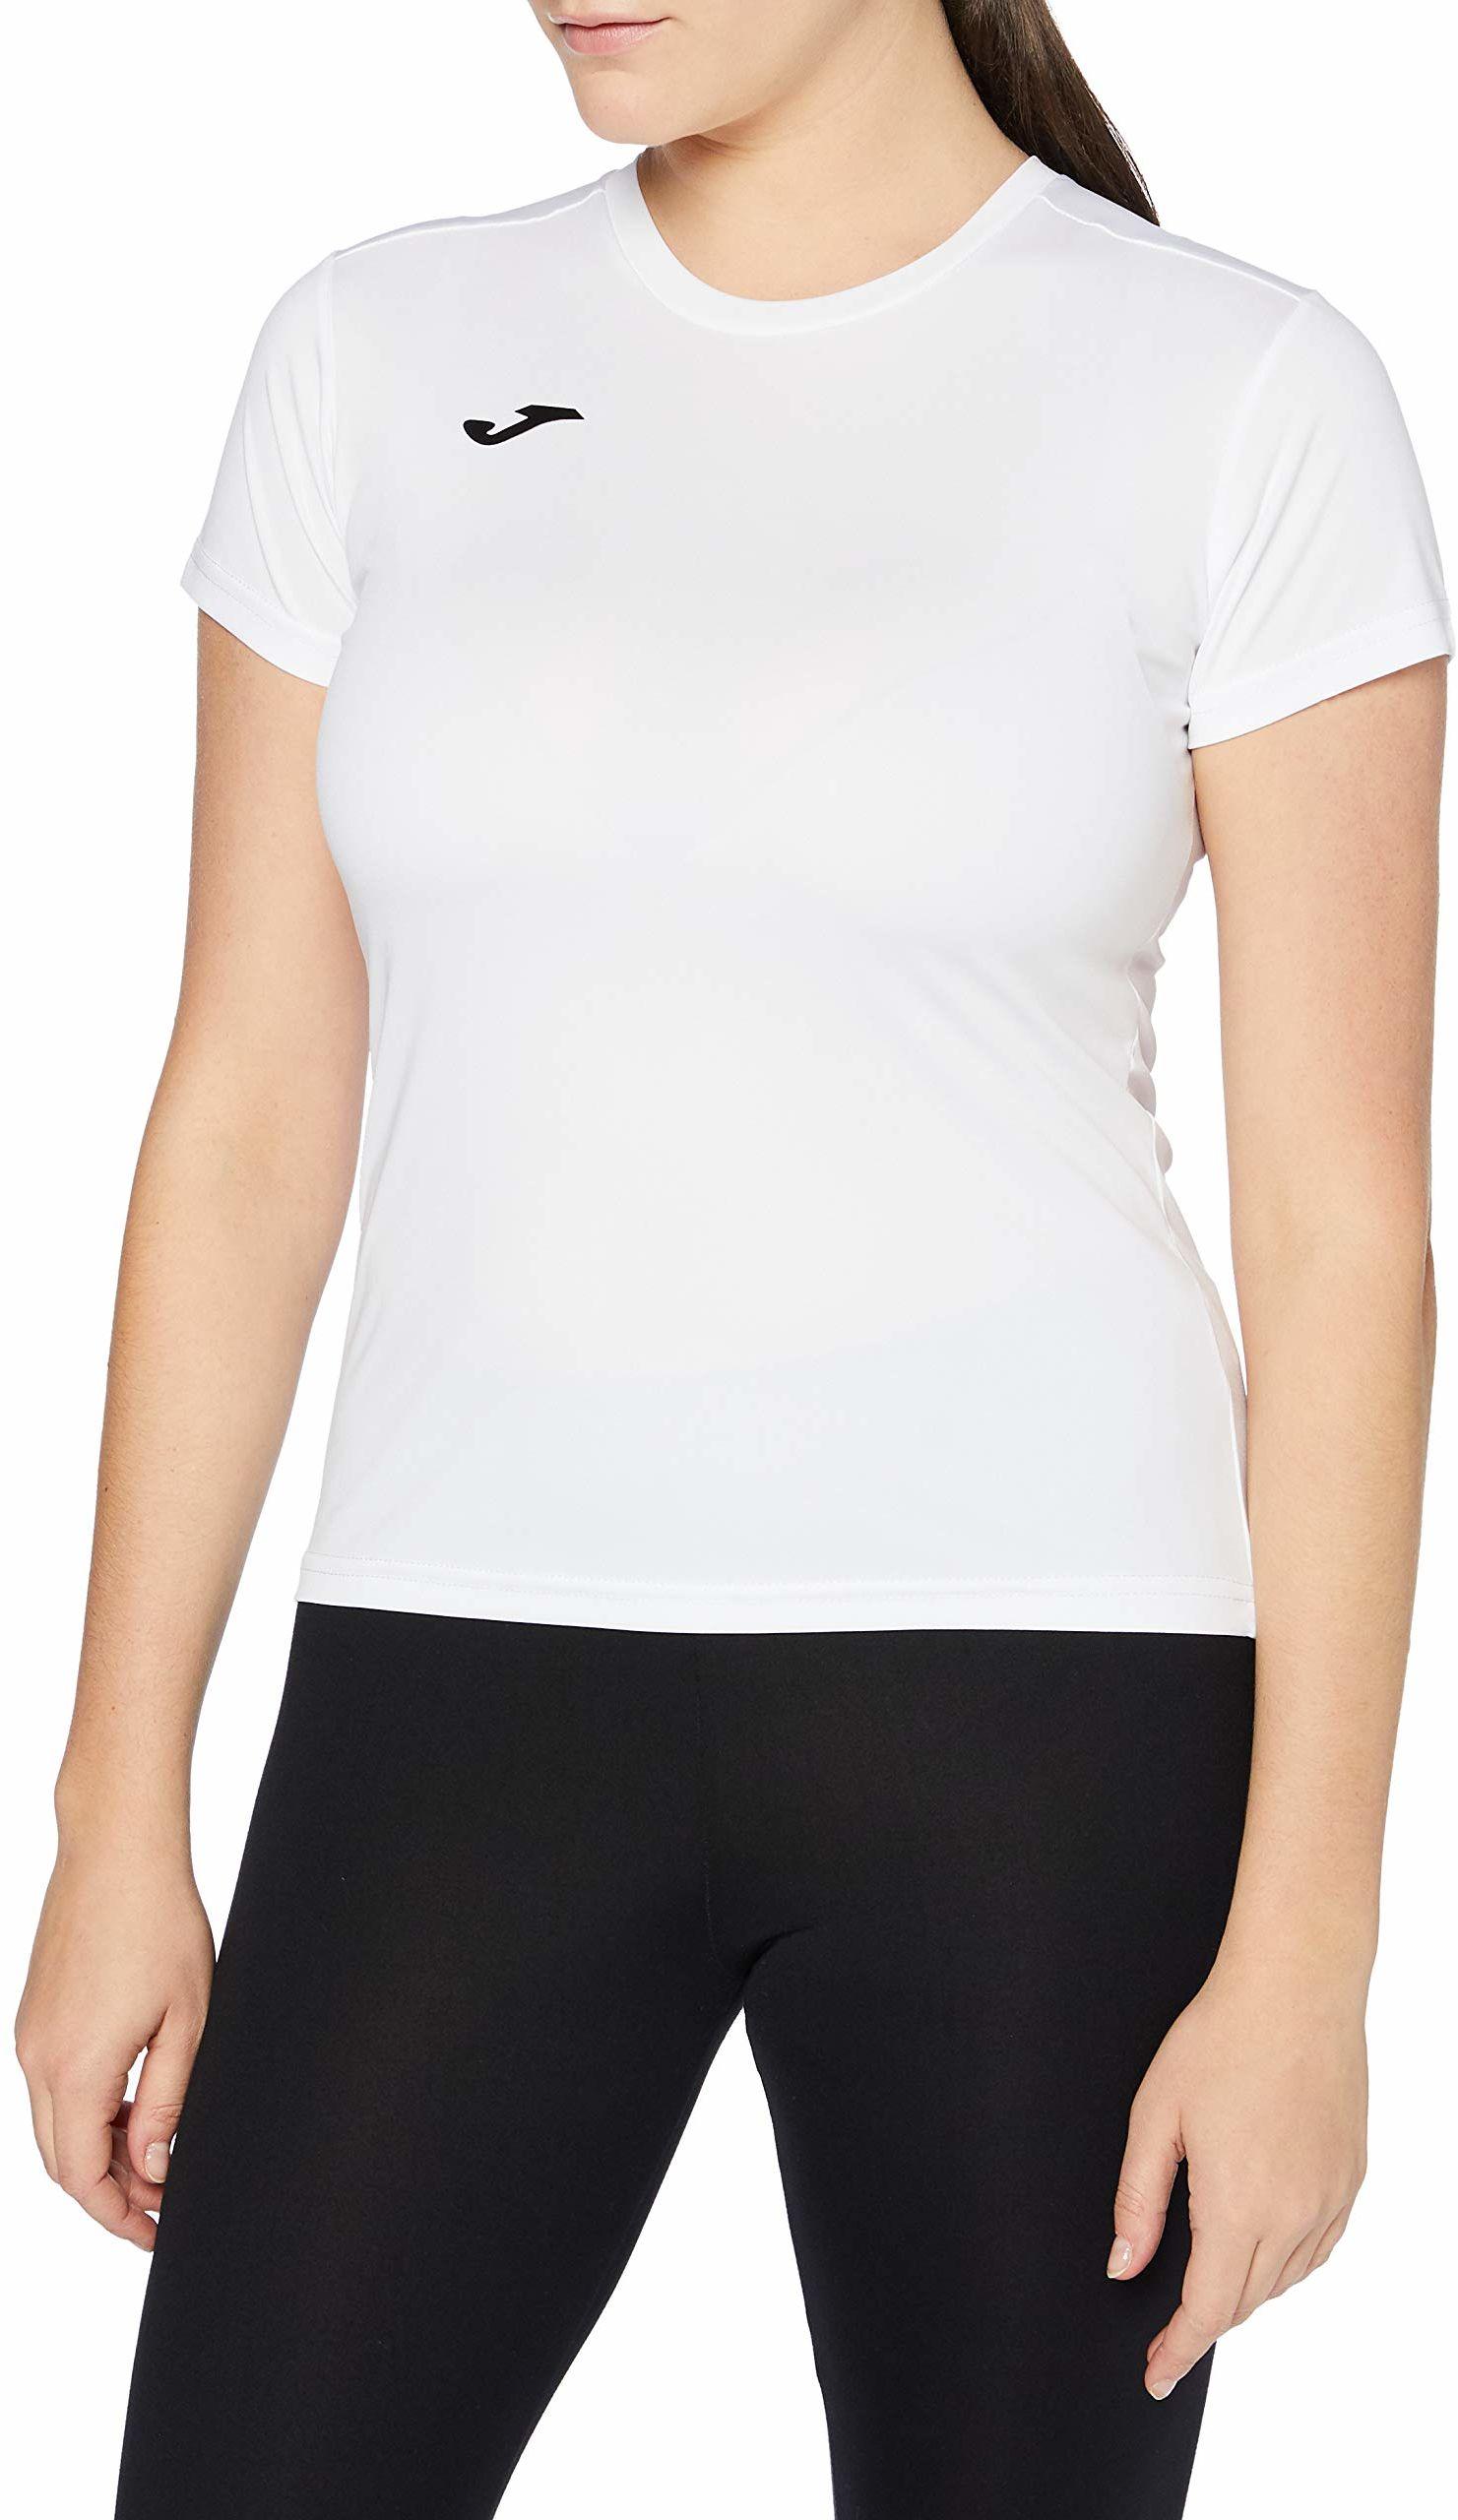 Joma damskie 900248.200 Joma 900248.200 damskie t-shirty - białe/białe, średnie Biały/biały L